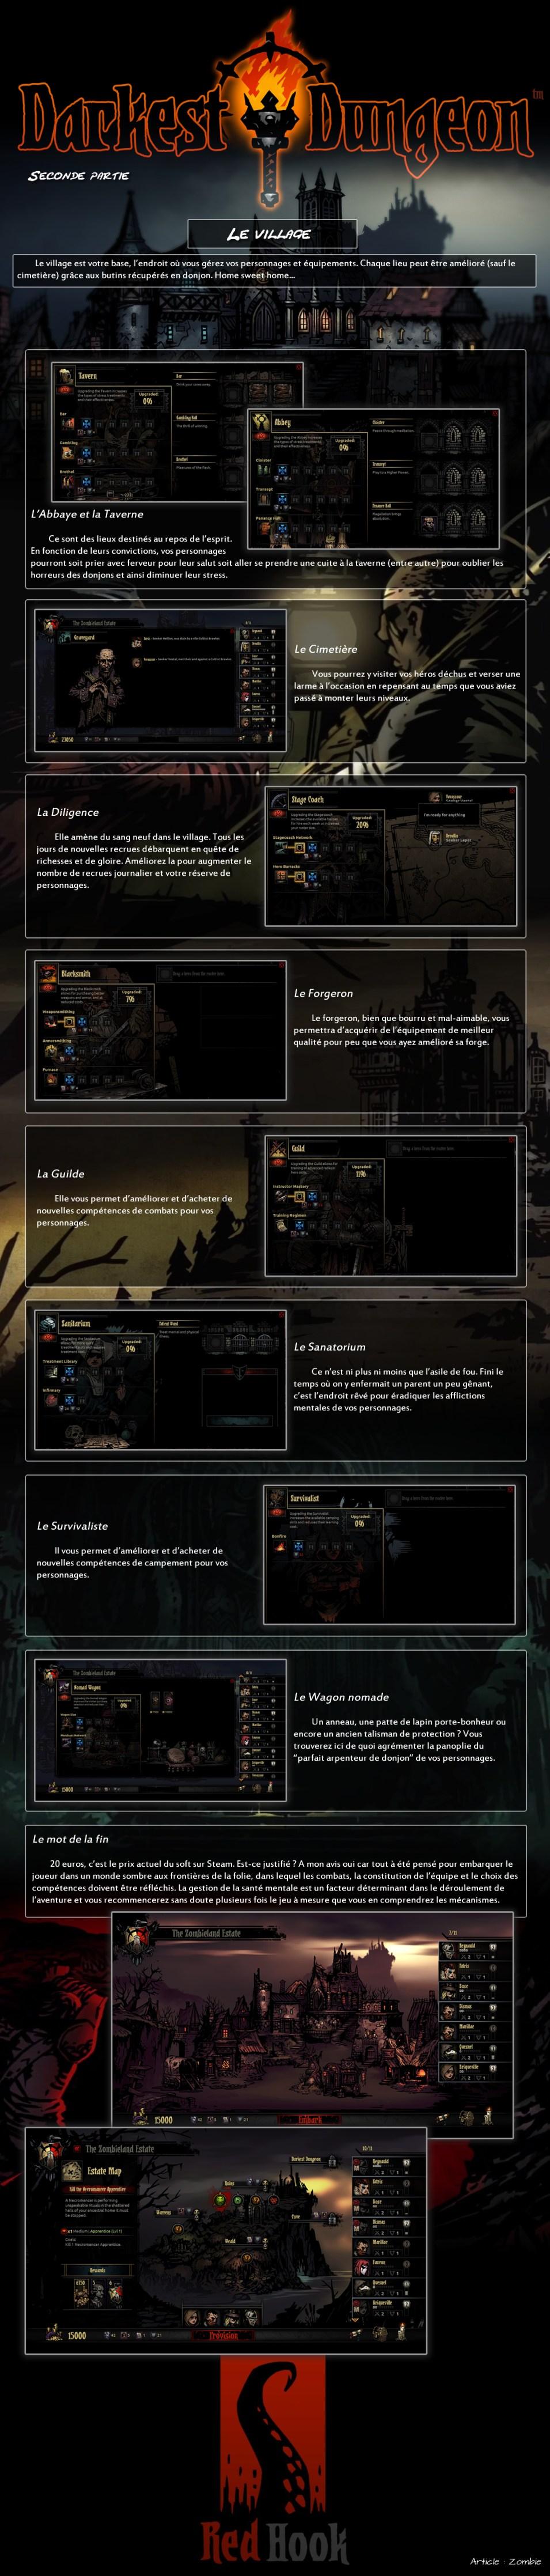 Article-Darkest-Dungeon-Partie-2